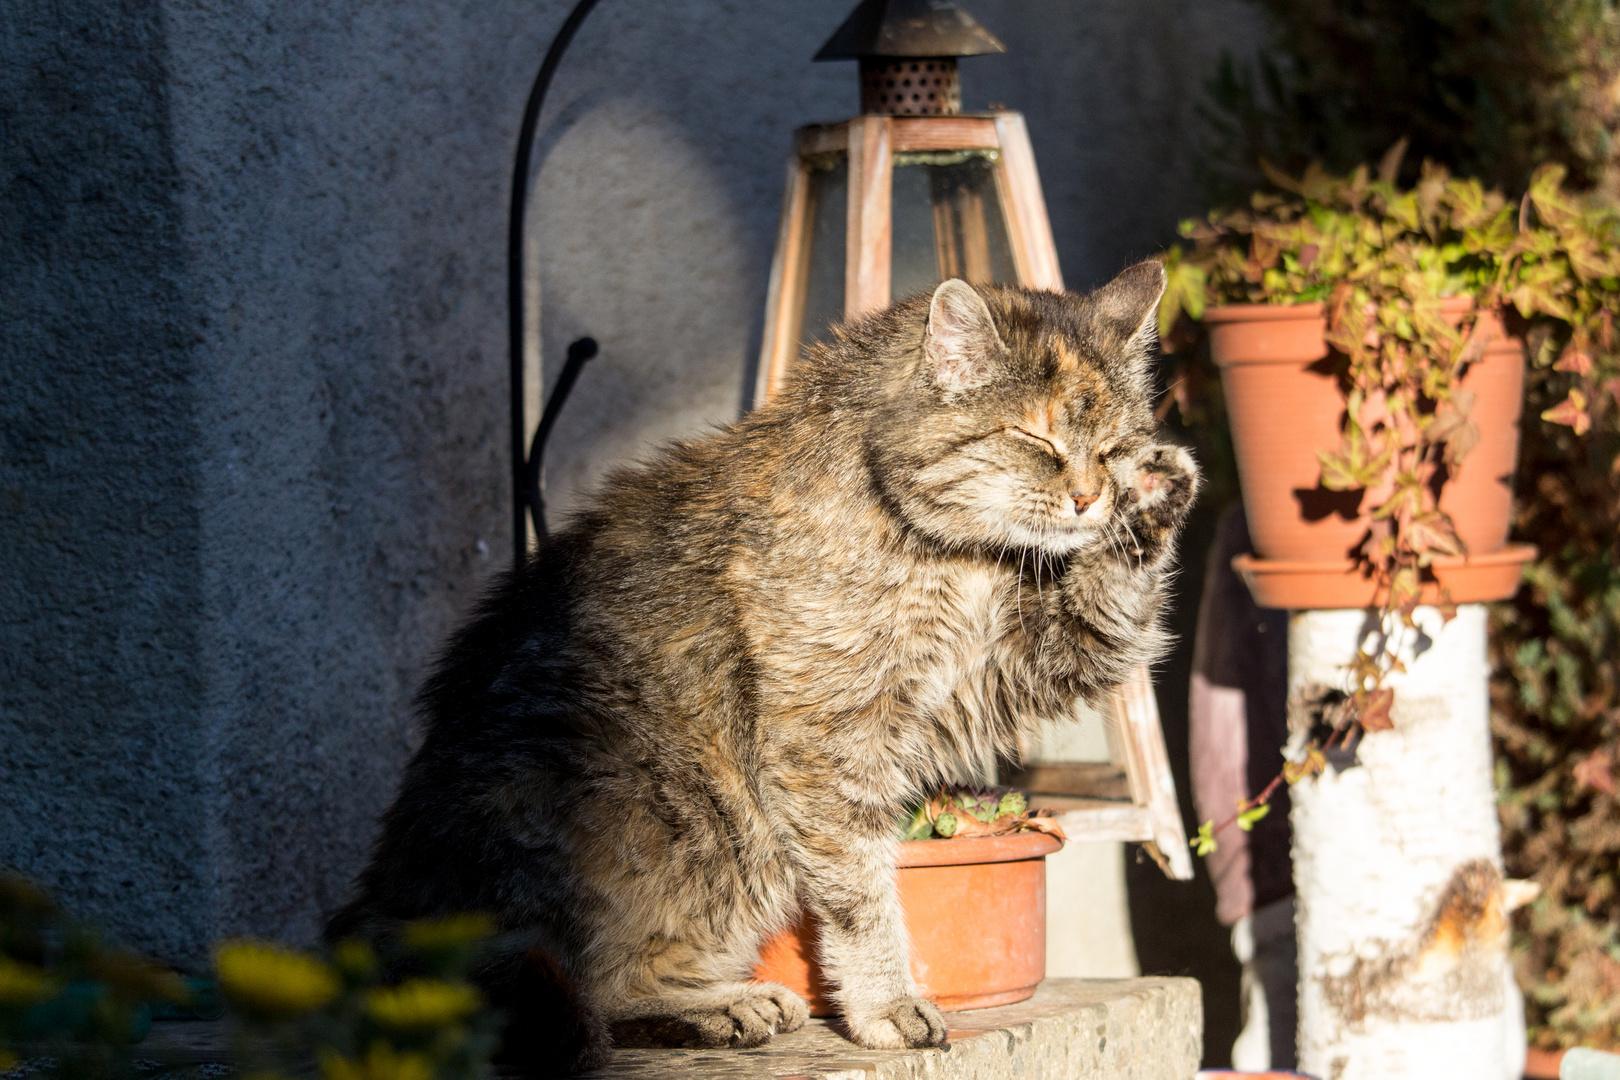 Unsere alte Lady putzt sich in der Sonne